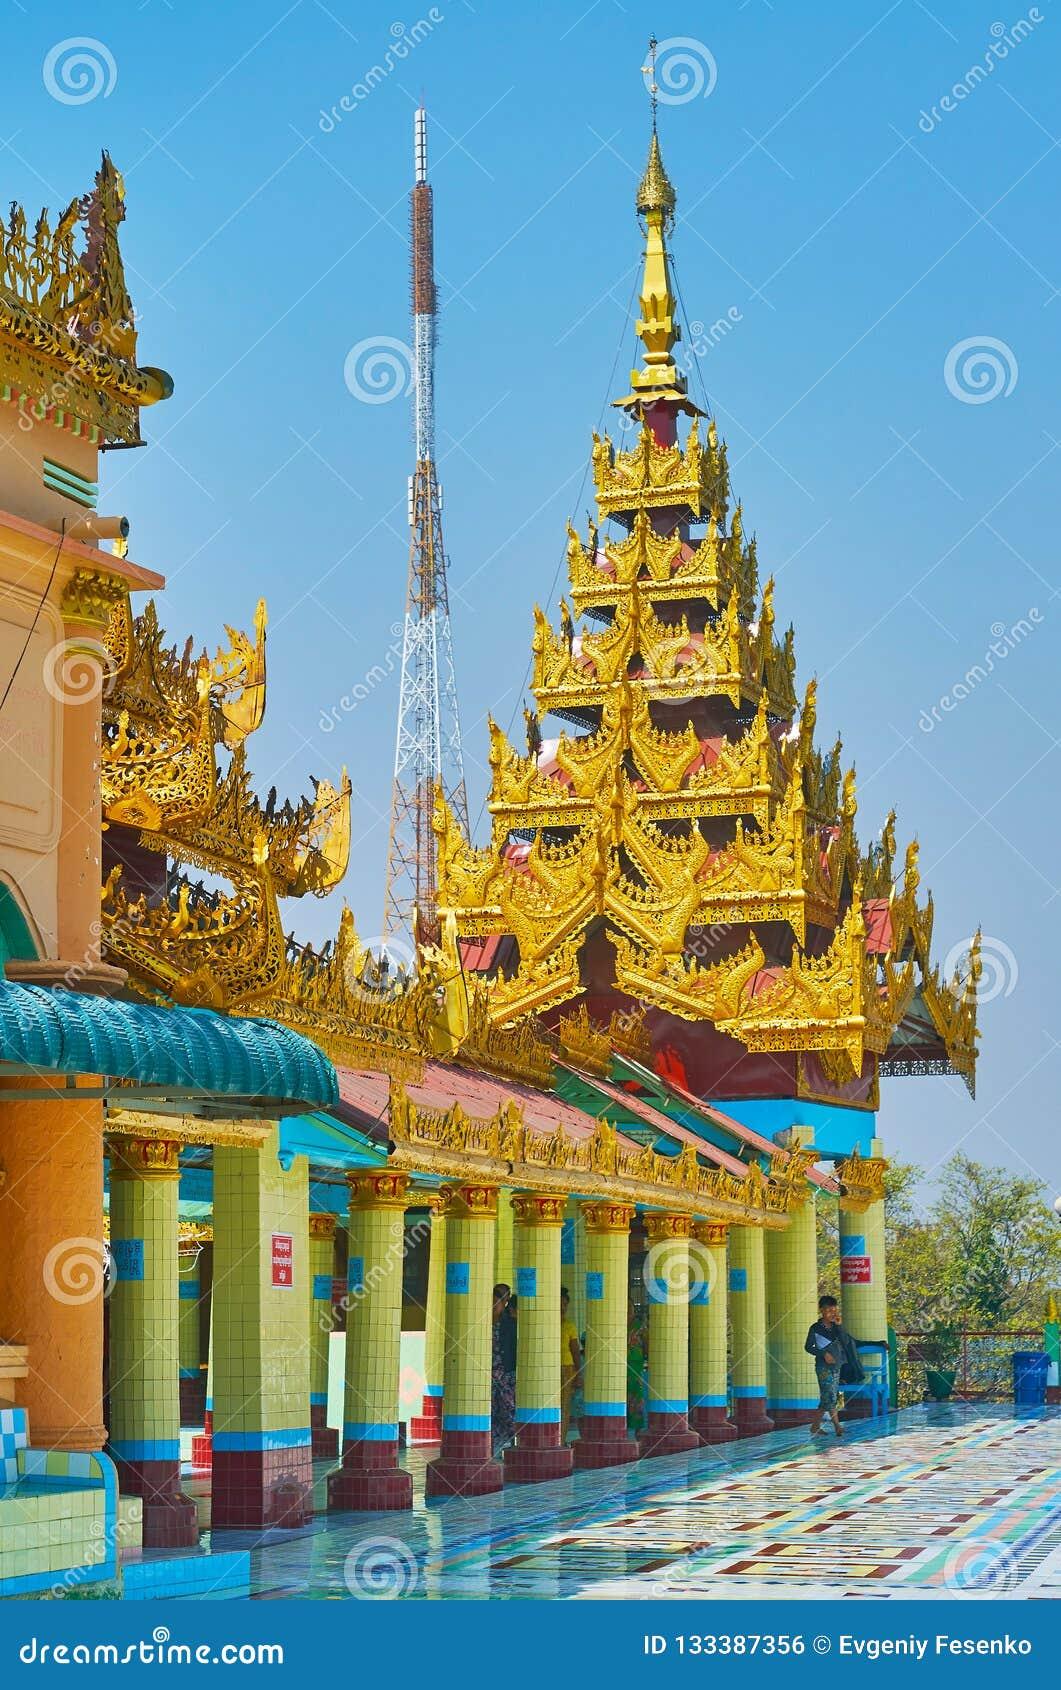 El tejado multi-efectuado del pyatthat pronto de Oo Ponya Shin Paya Summit Pagoda, Sagaing